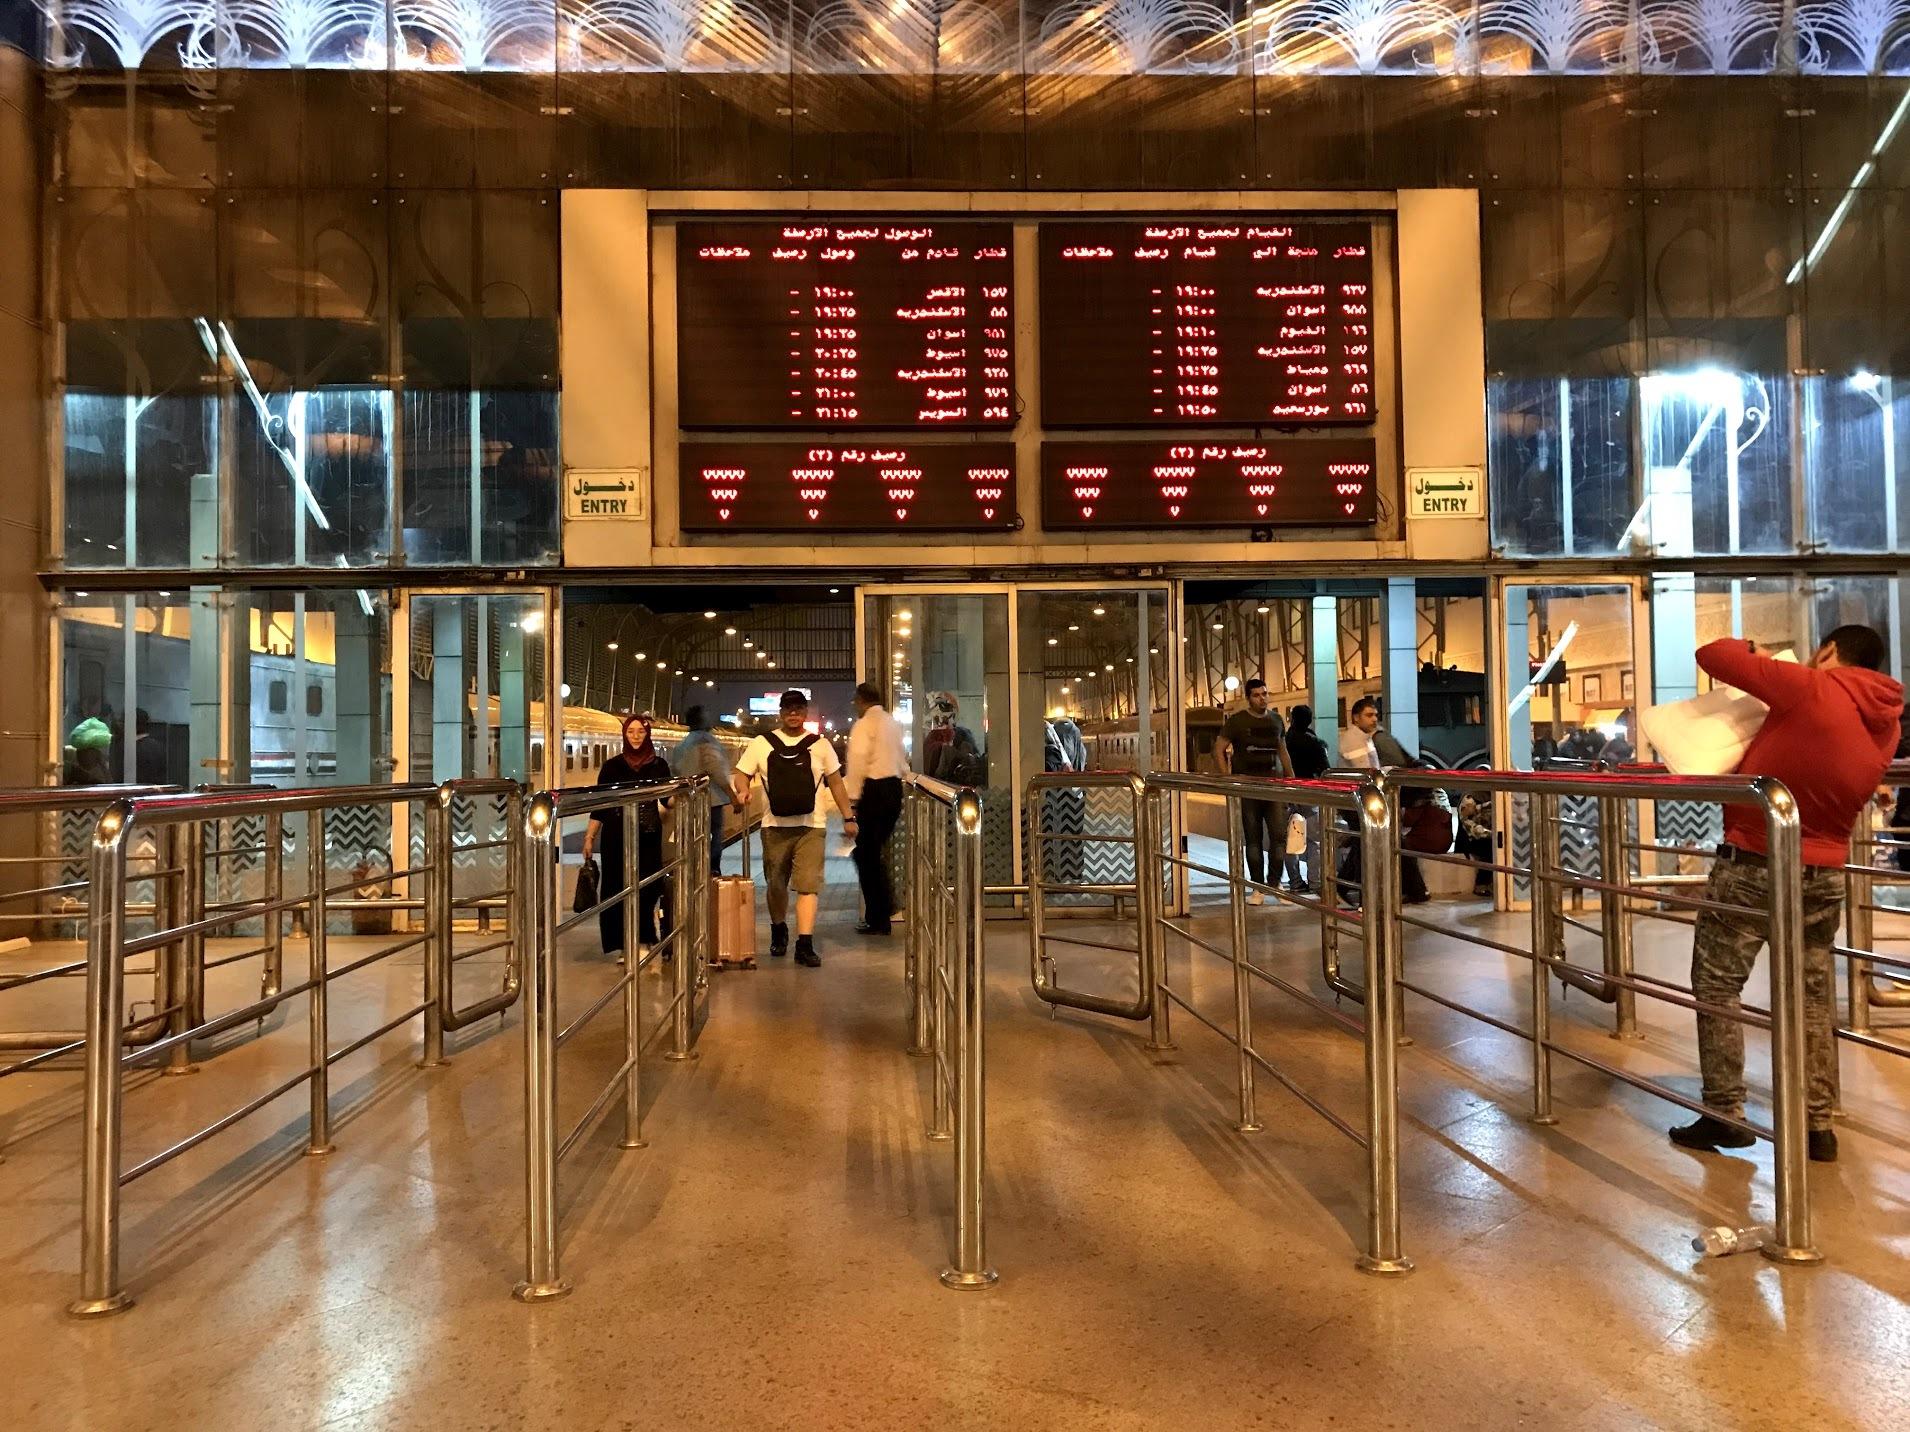 カイロ駅のターミナル